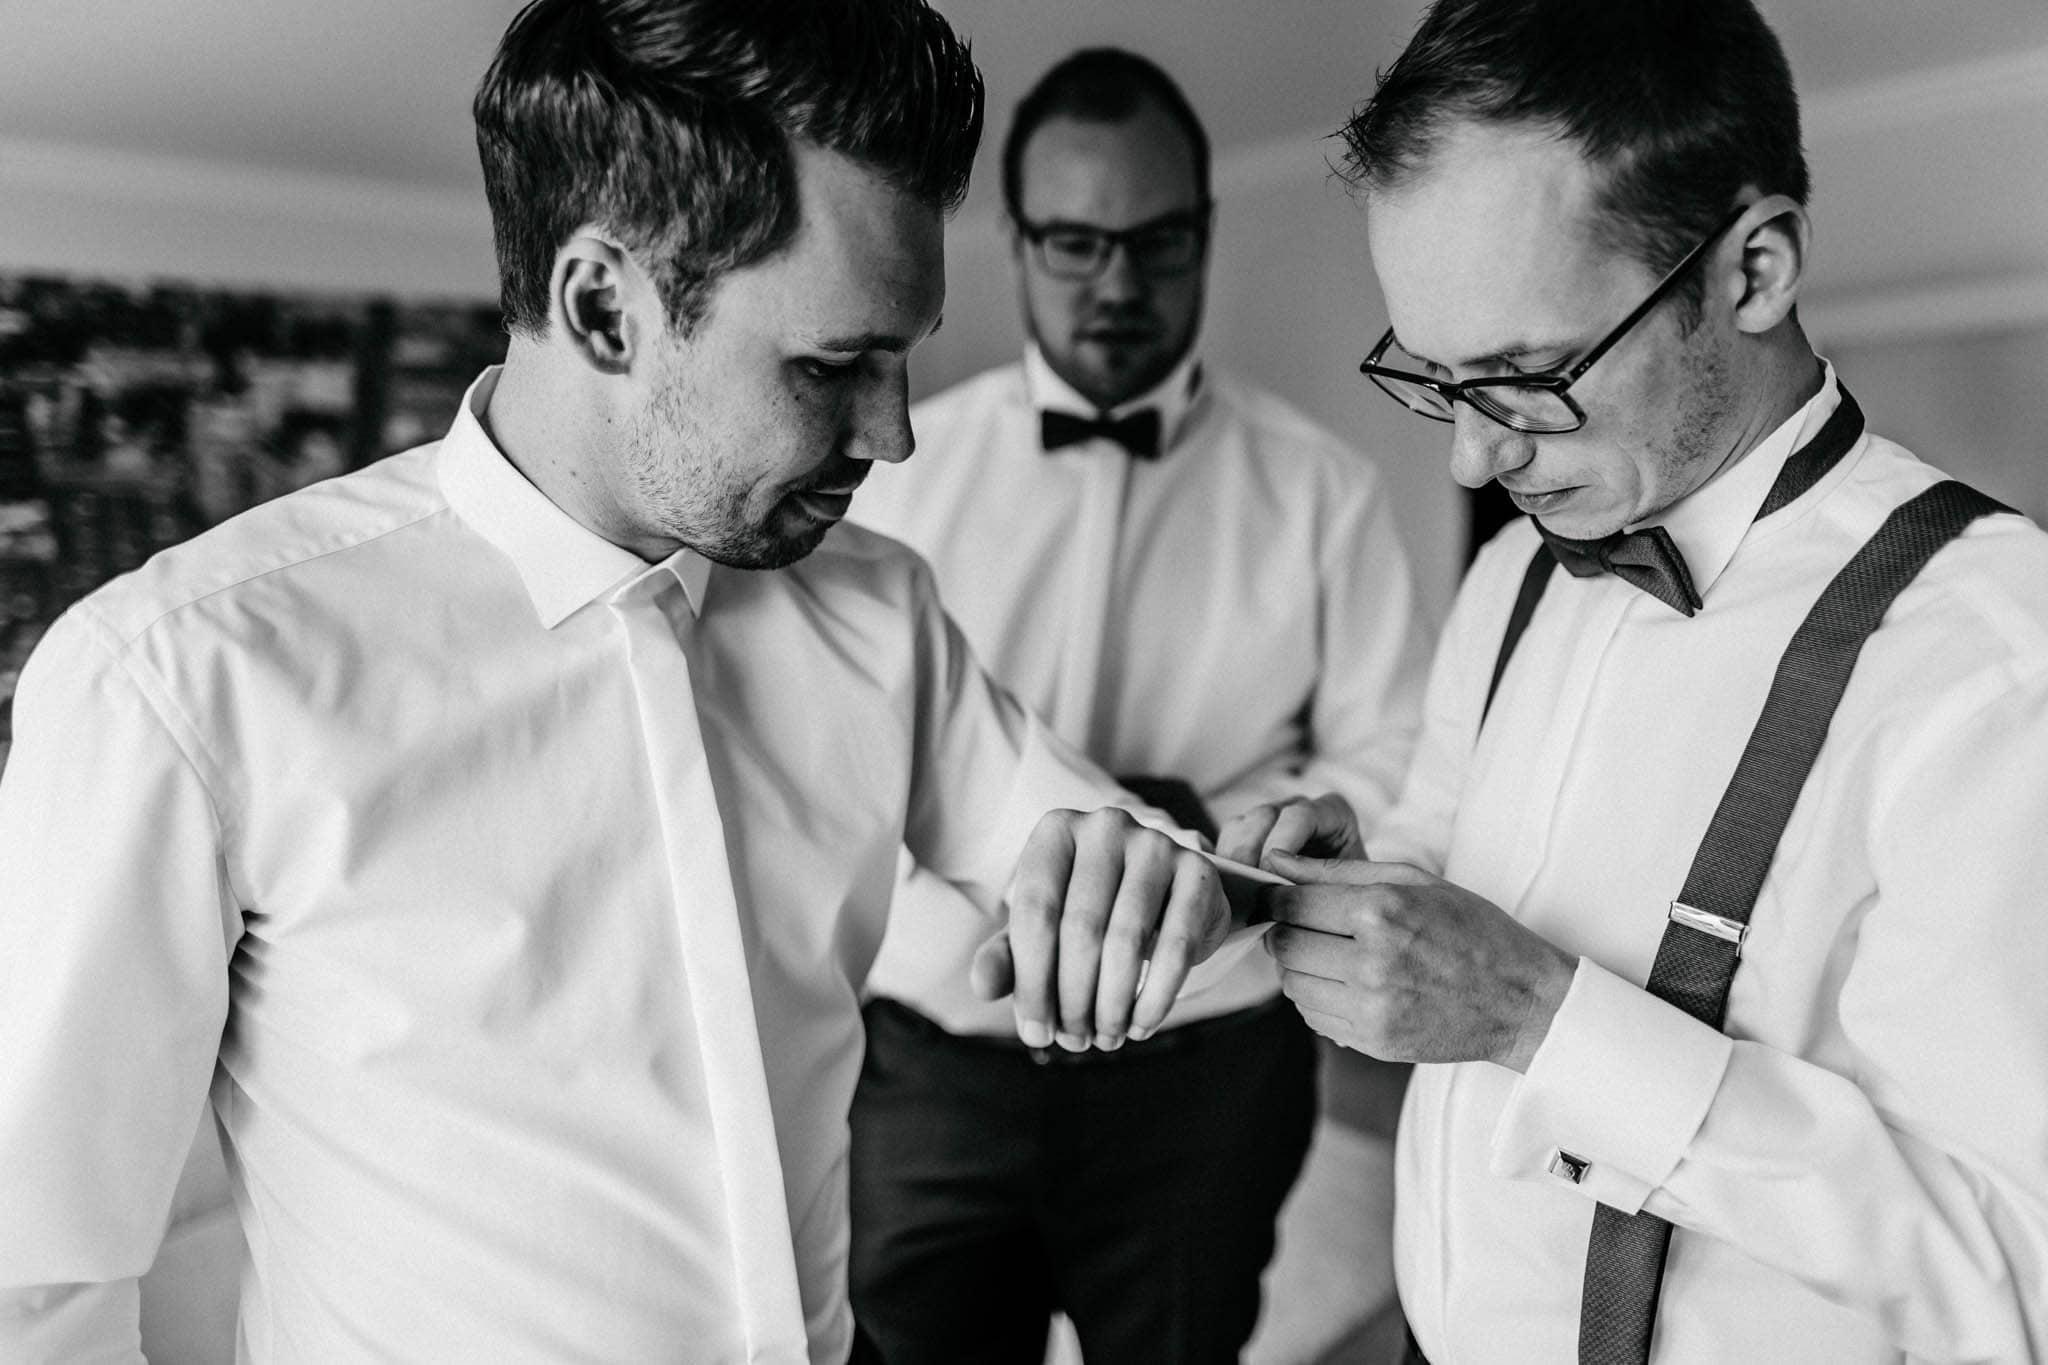 Hochzeitsfieber by Photo-Schomburg, Hochzeitsfotograf, Hamburg, Bremen, Hochzeitstag, Hochzeitspaar, Braut, Bräutigam, Bremen-Kränholm,Knoops Park-13